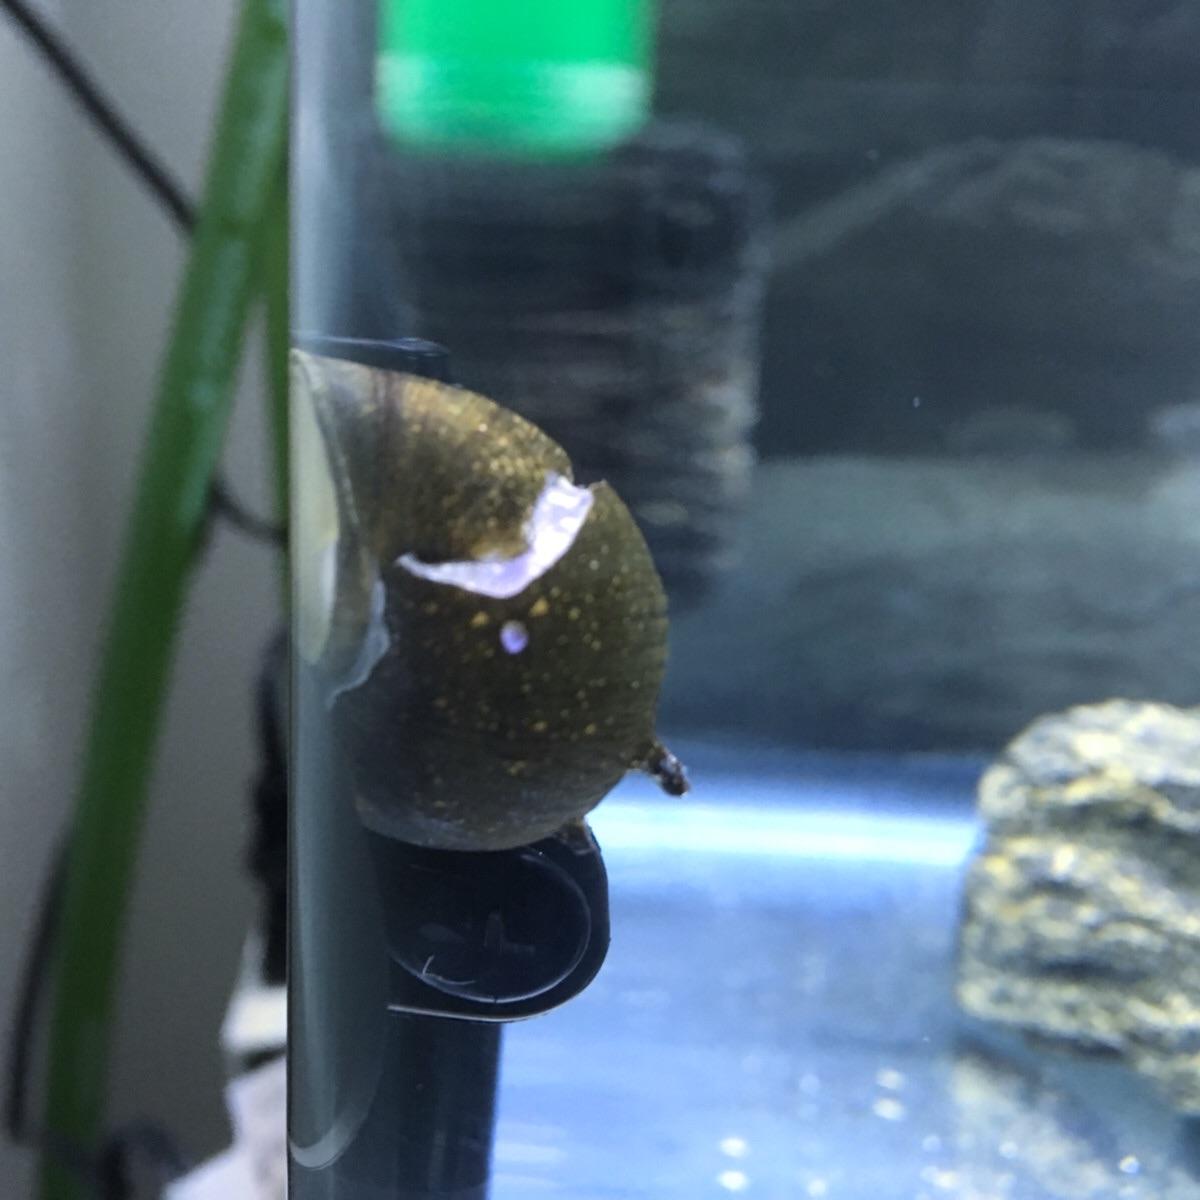 ミドリフグ水槽にいるカノコ貝